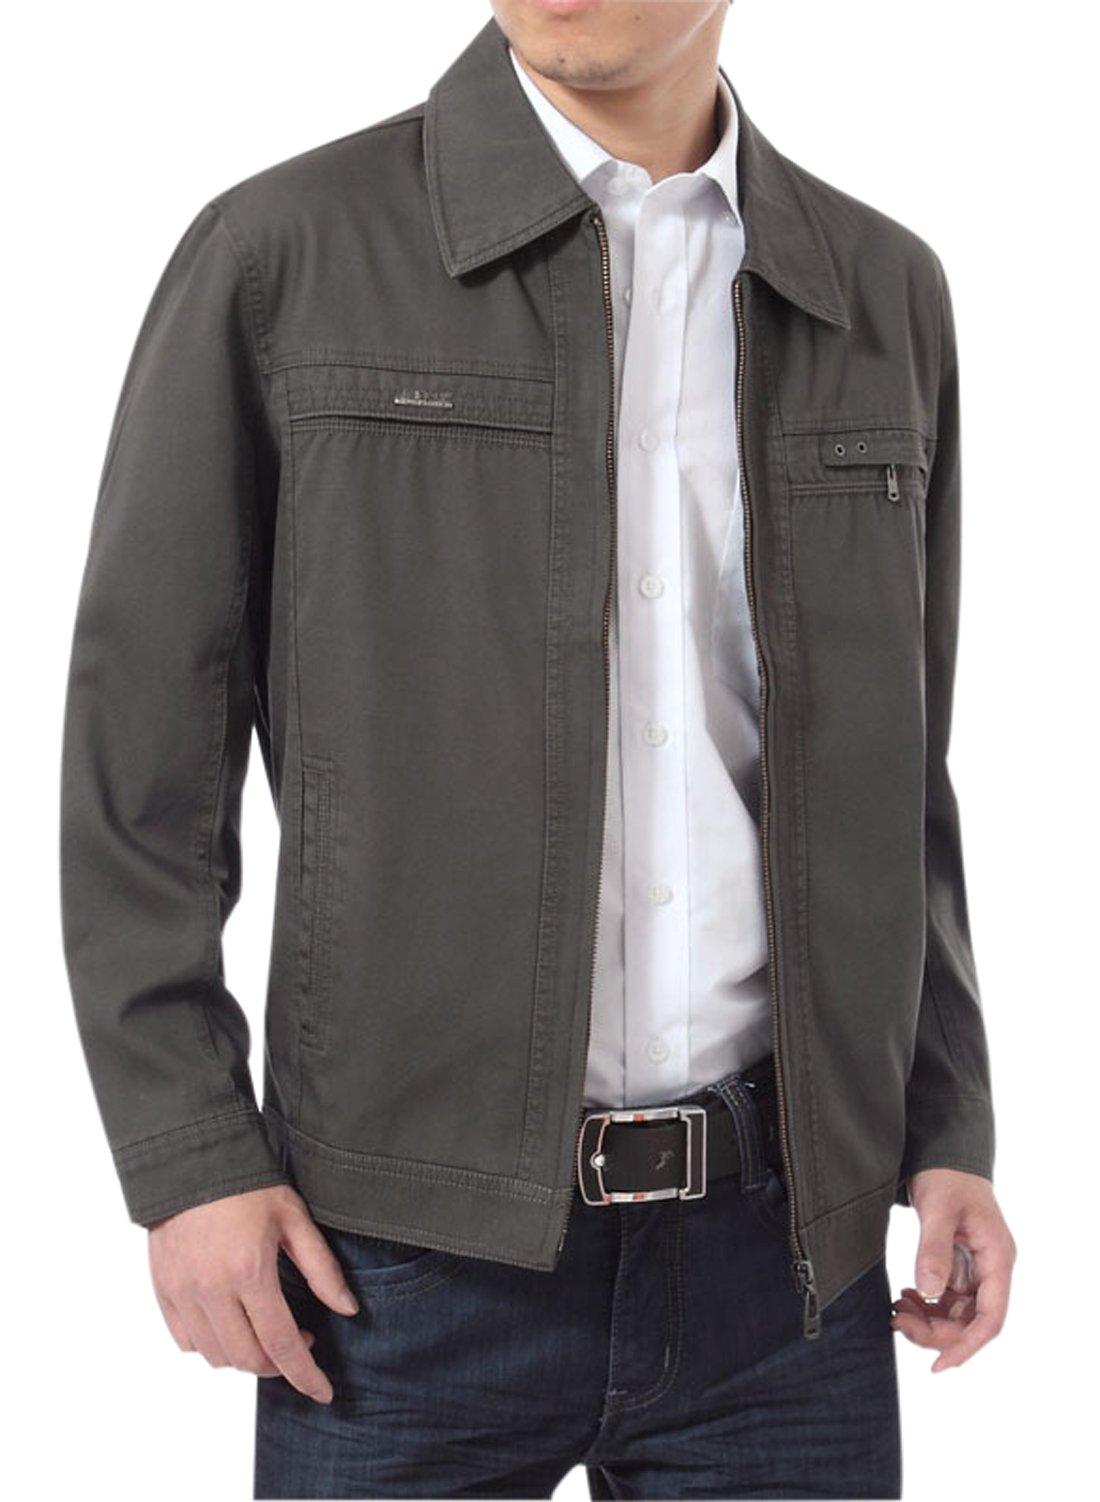 Gihuo Men's Casual Cotton Zip-Front Lightweight Jacket (X-L, Dark Grey)